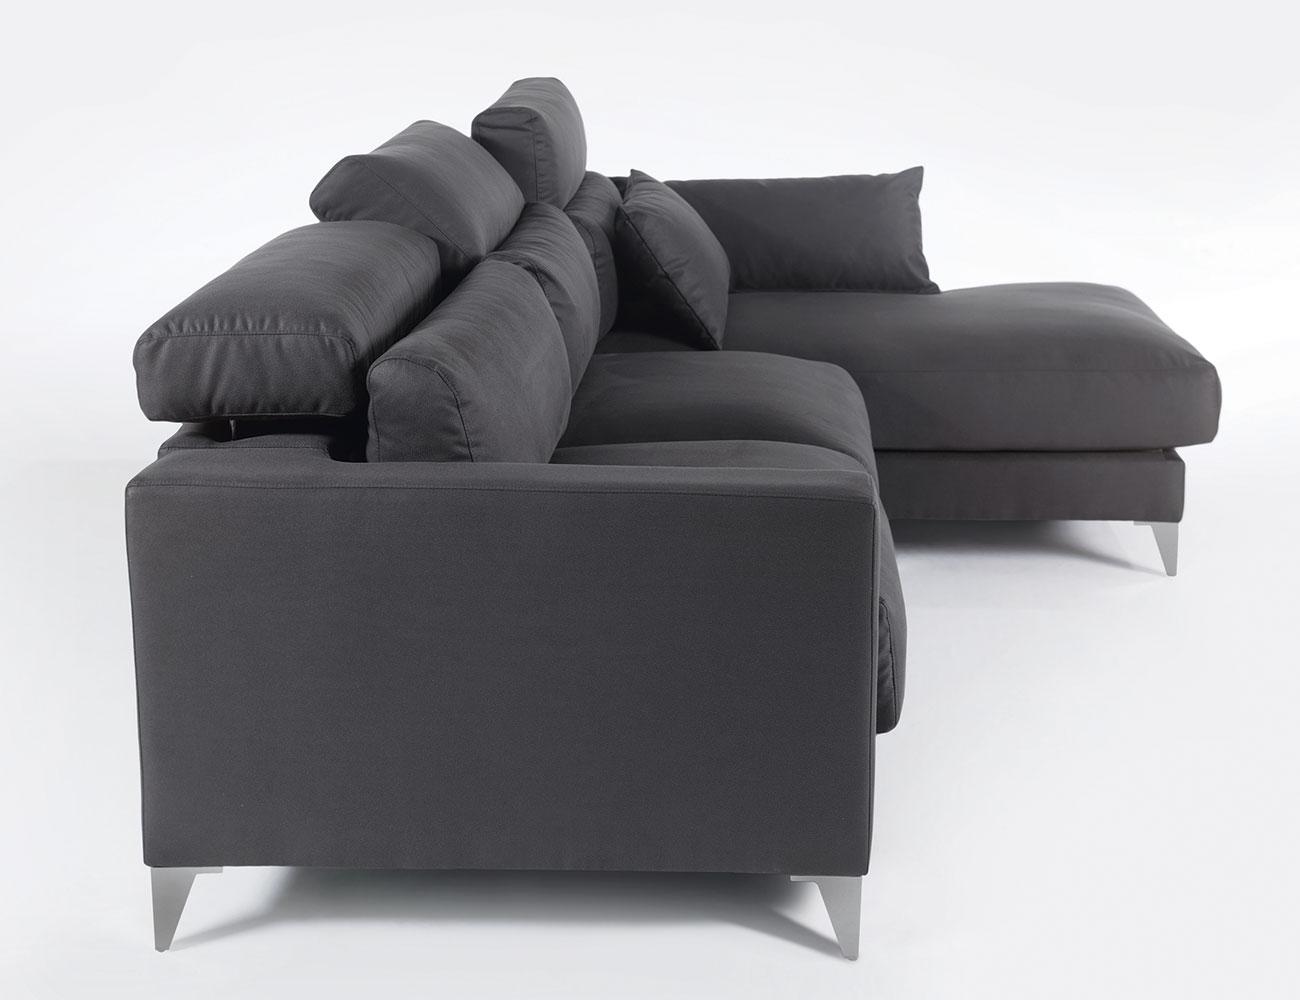 Sofa chaiselongue gran lujo decorativo grafito 122